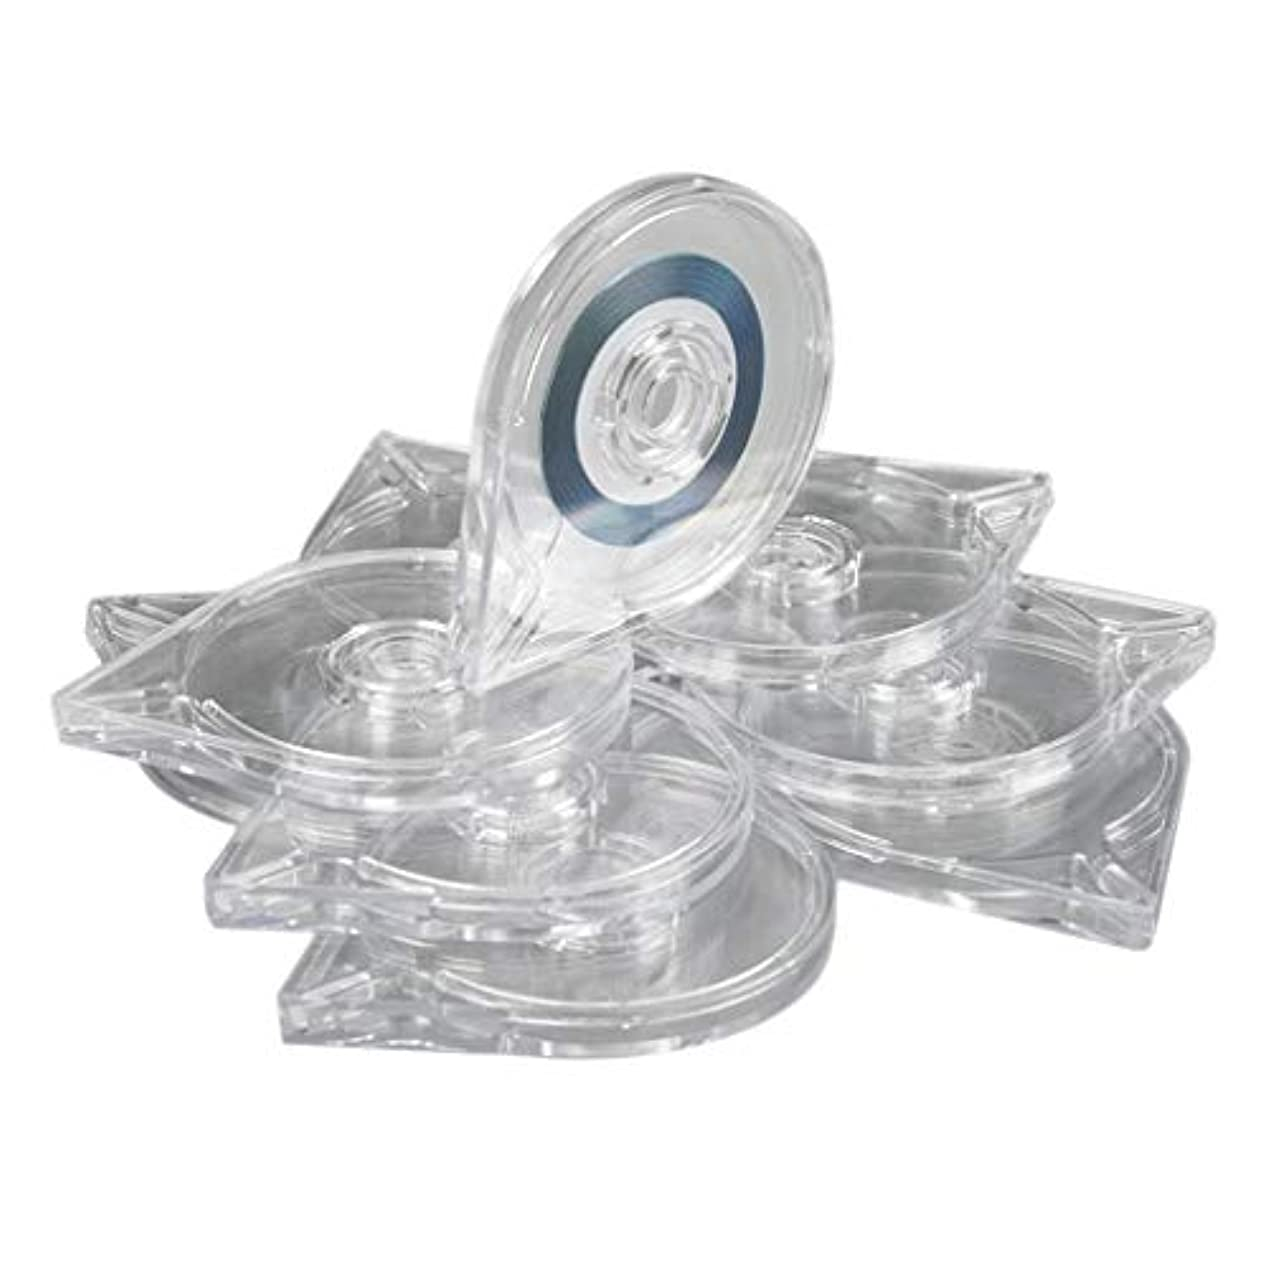 フロントランプリアルB Blesiya 10本 ネイルアートツール ストライピングテープラインケース ボックス プラスチック マニキュア